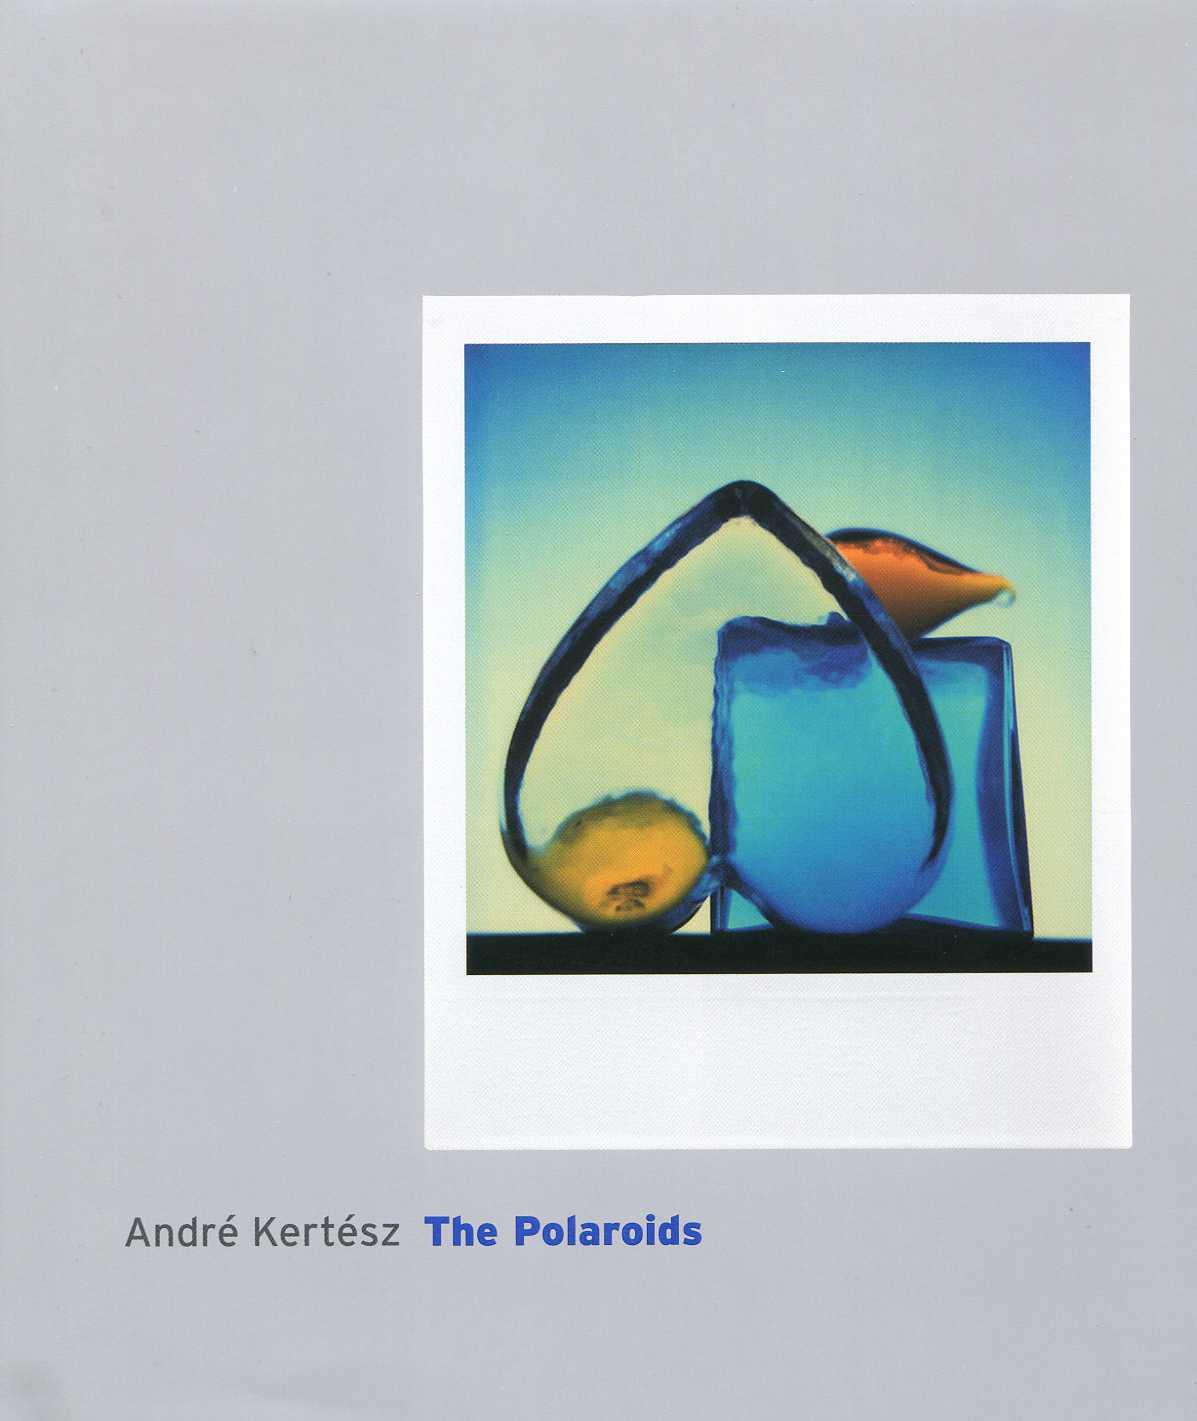 THE POLAROIDS